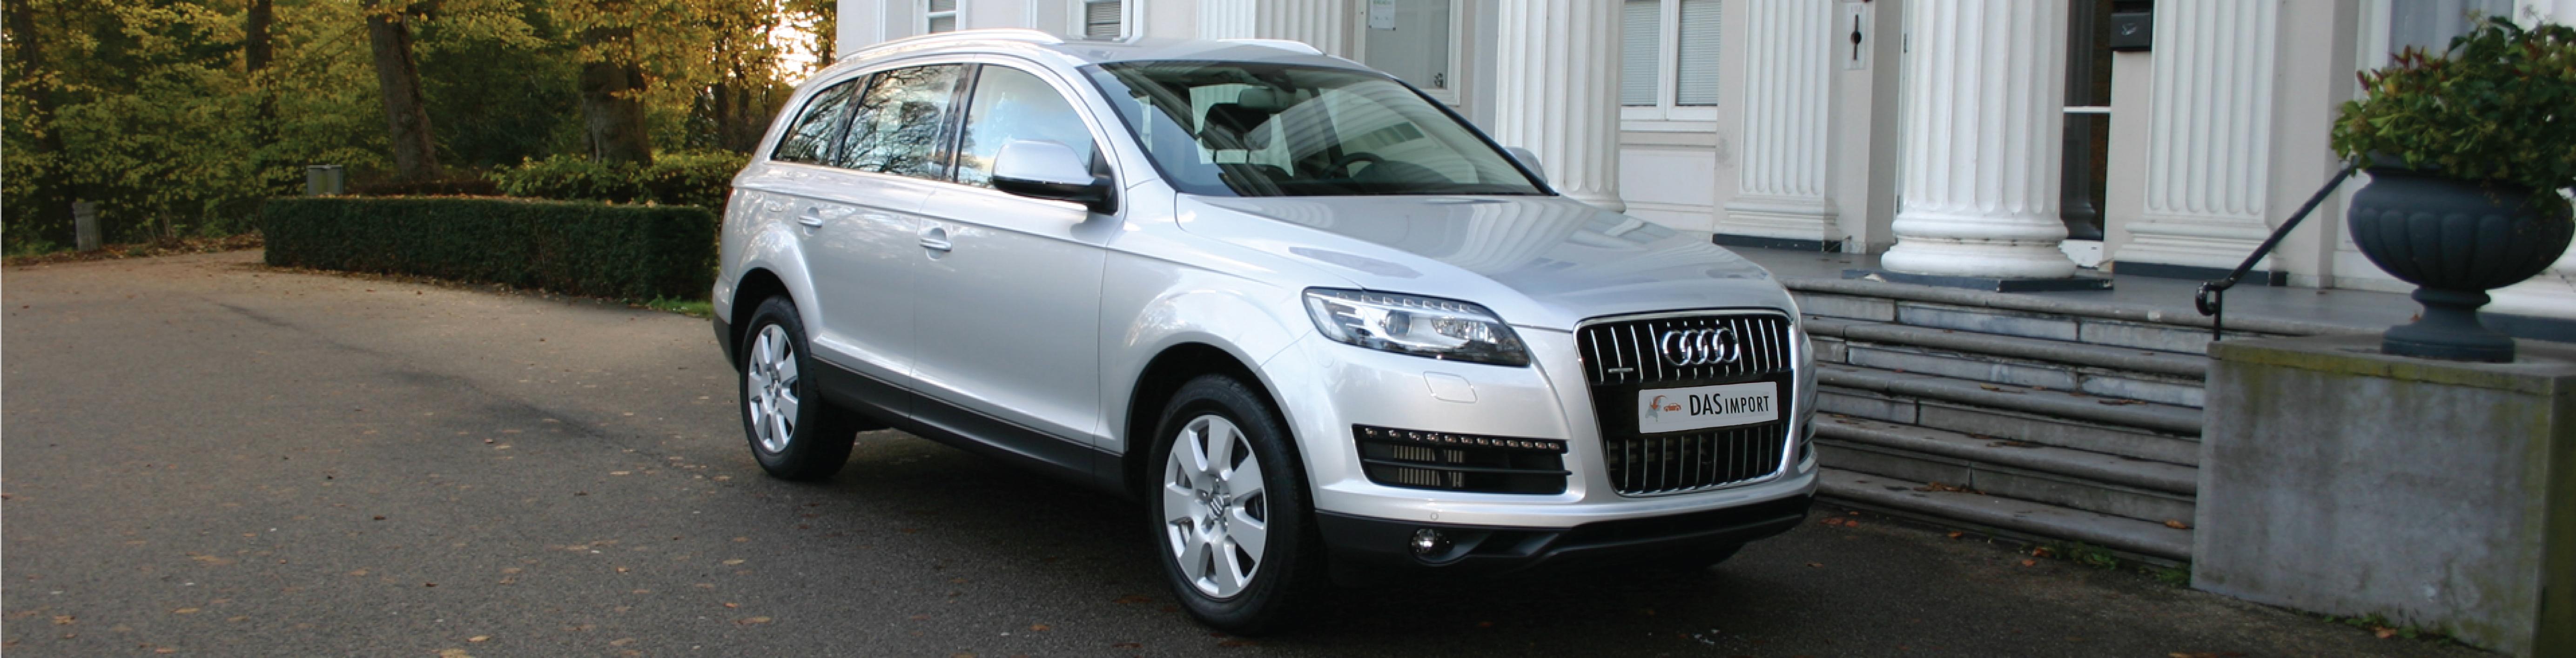 Audi-Q7-uit-Duitsland